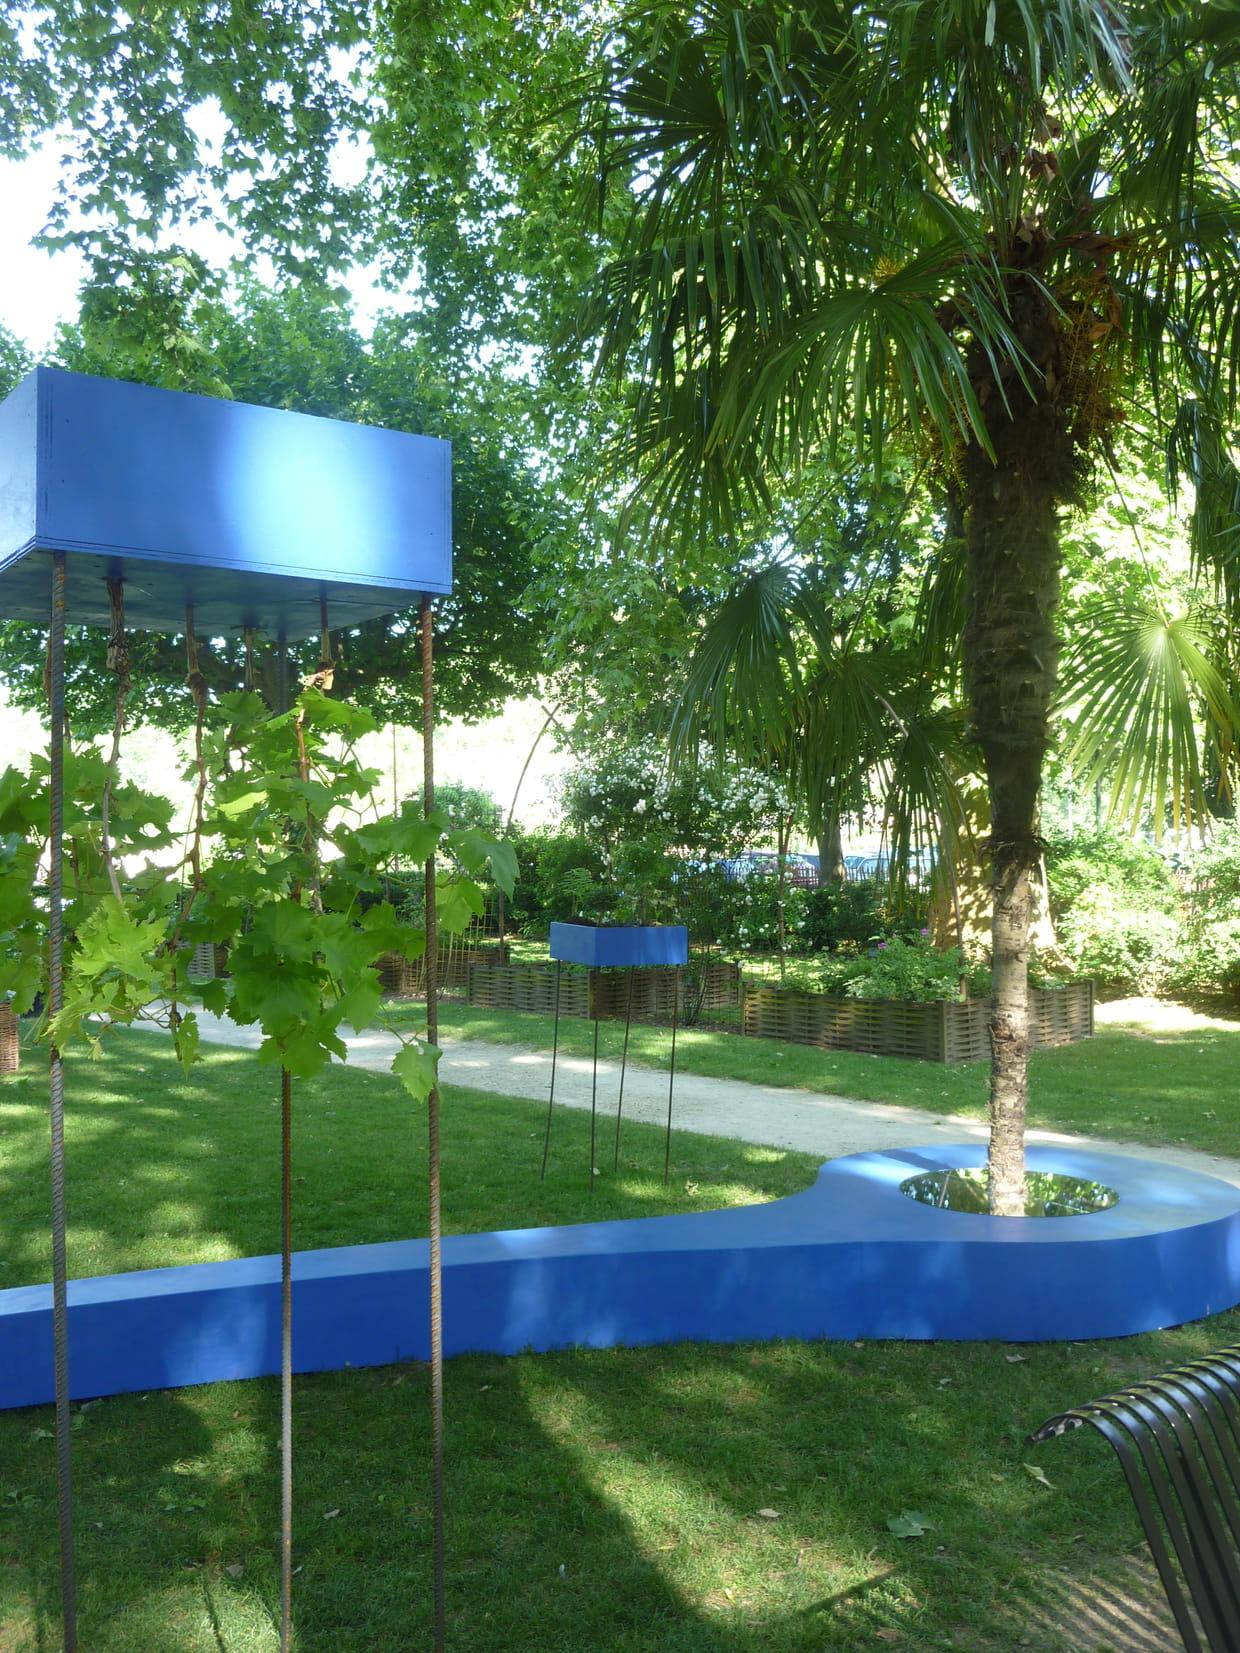 Visite dans les jardins de cahors for Entretien jardin cahors